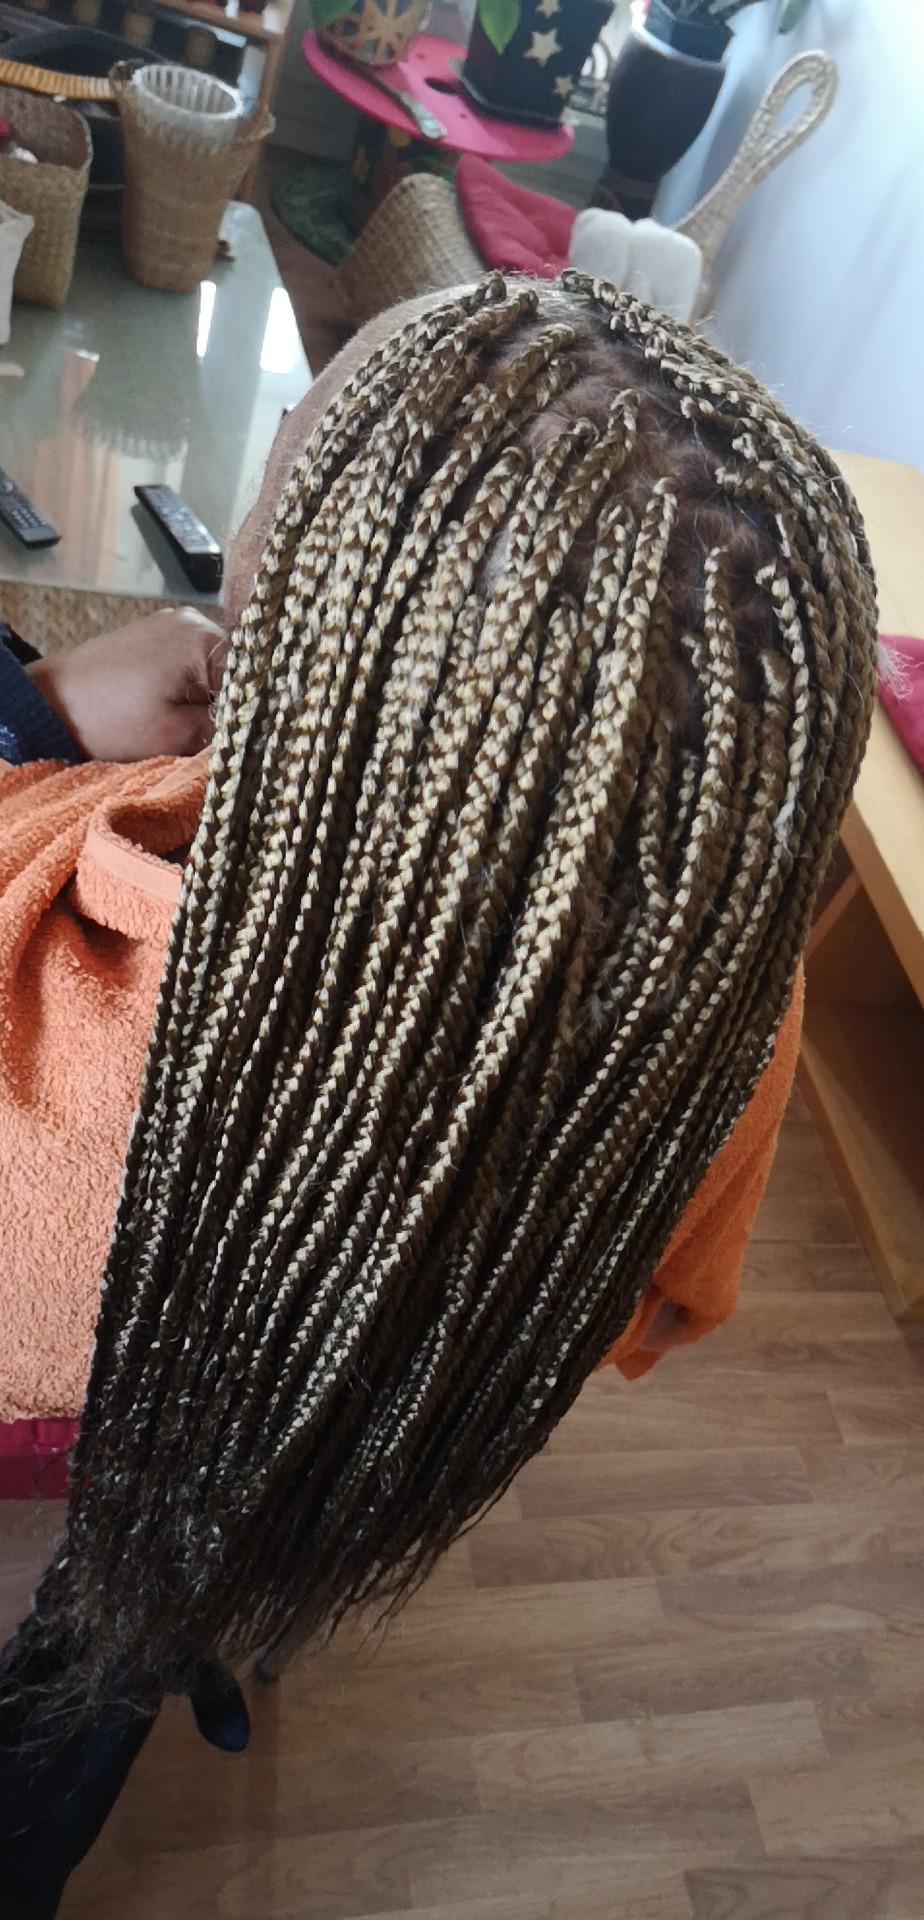 salon de coiffure afro tresse tresses box braids crochet braids vanilles tissages paris 75 77 78 91 92 93 94 95 YUUXNTJD